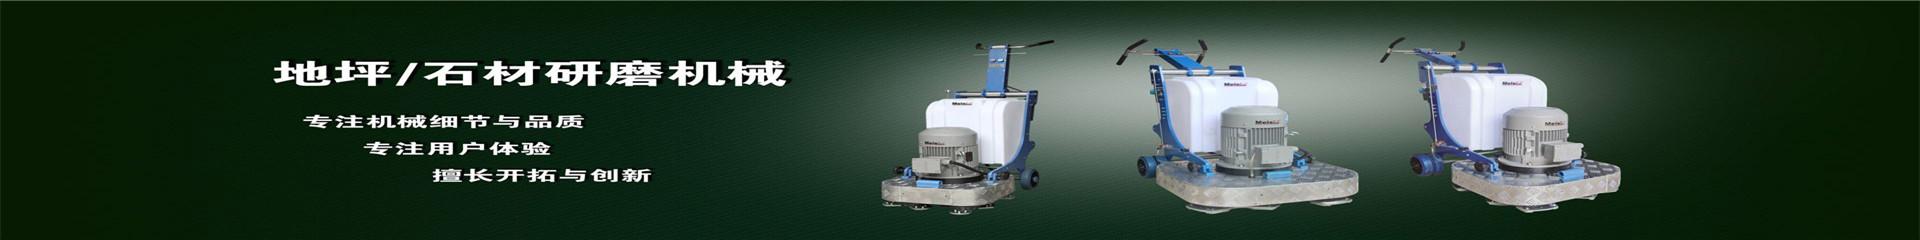 地坪石材打磨机